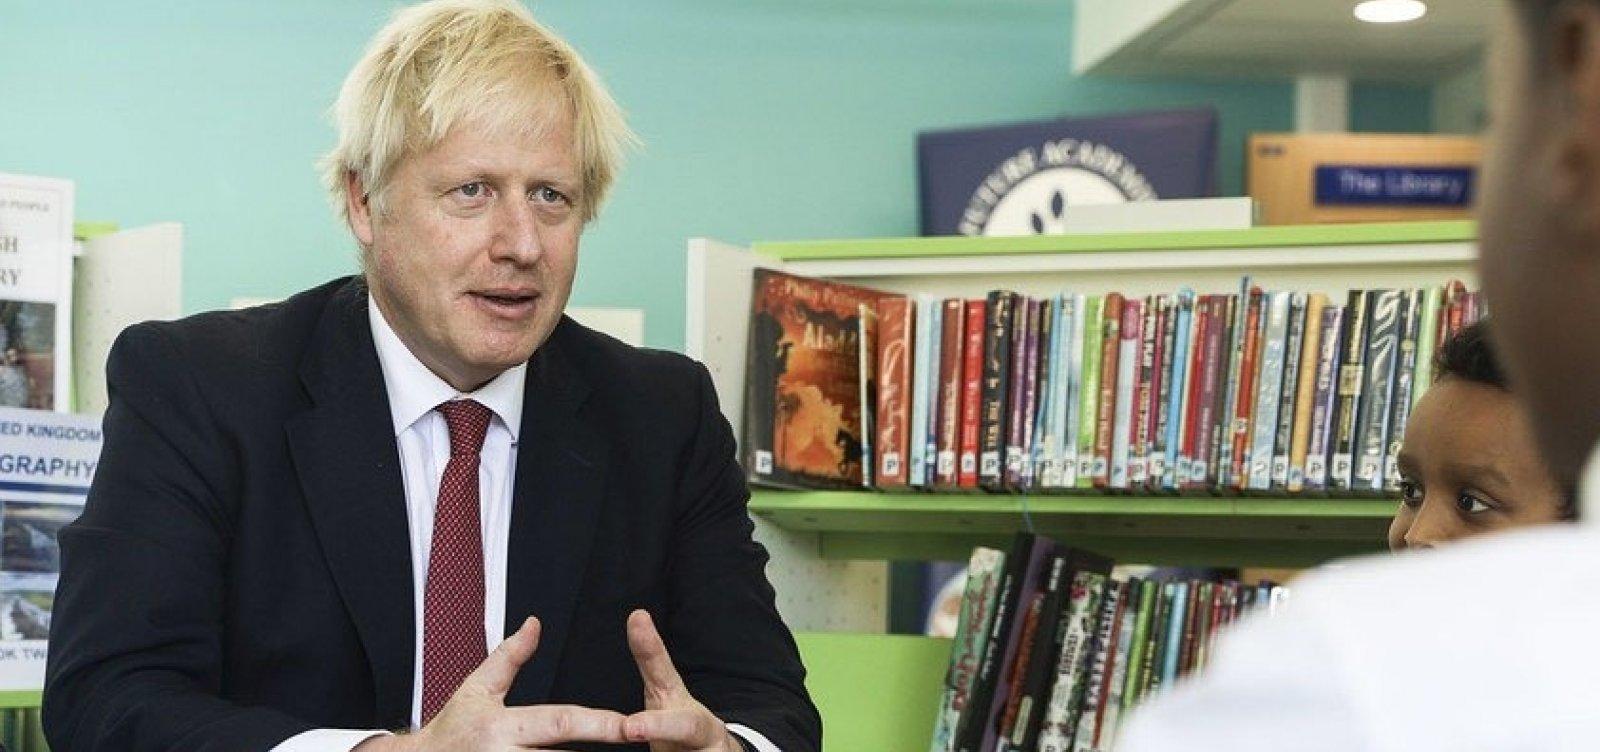 [Primeiro-ministro do Reino Unido entrega proposta final do Brexit]